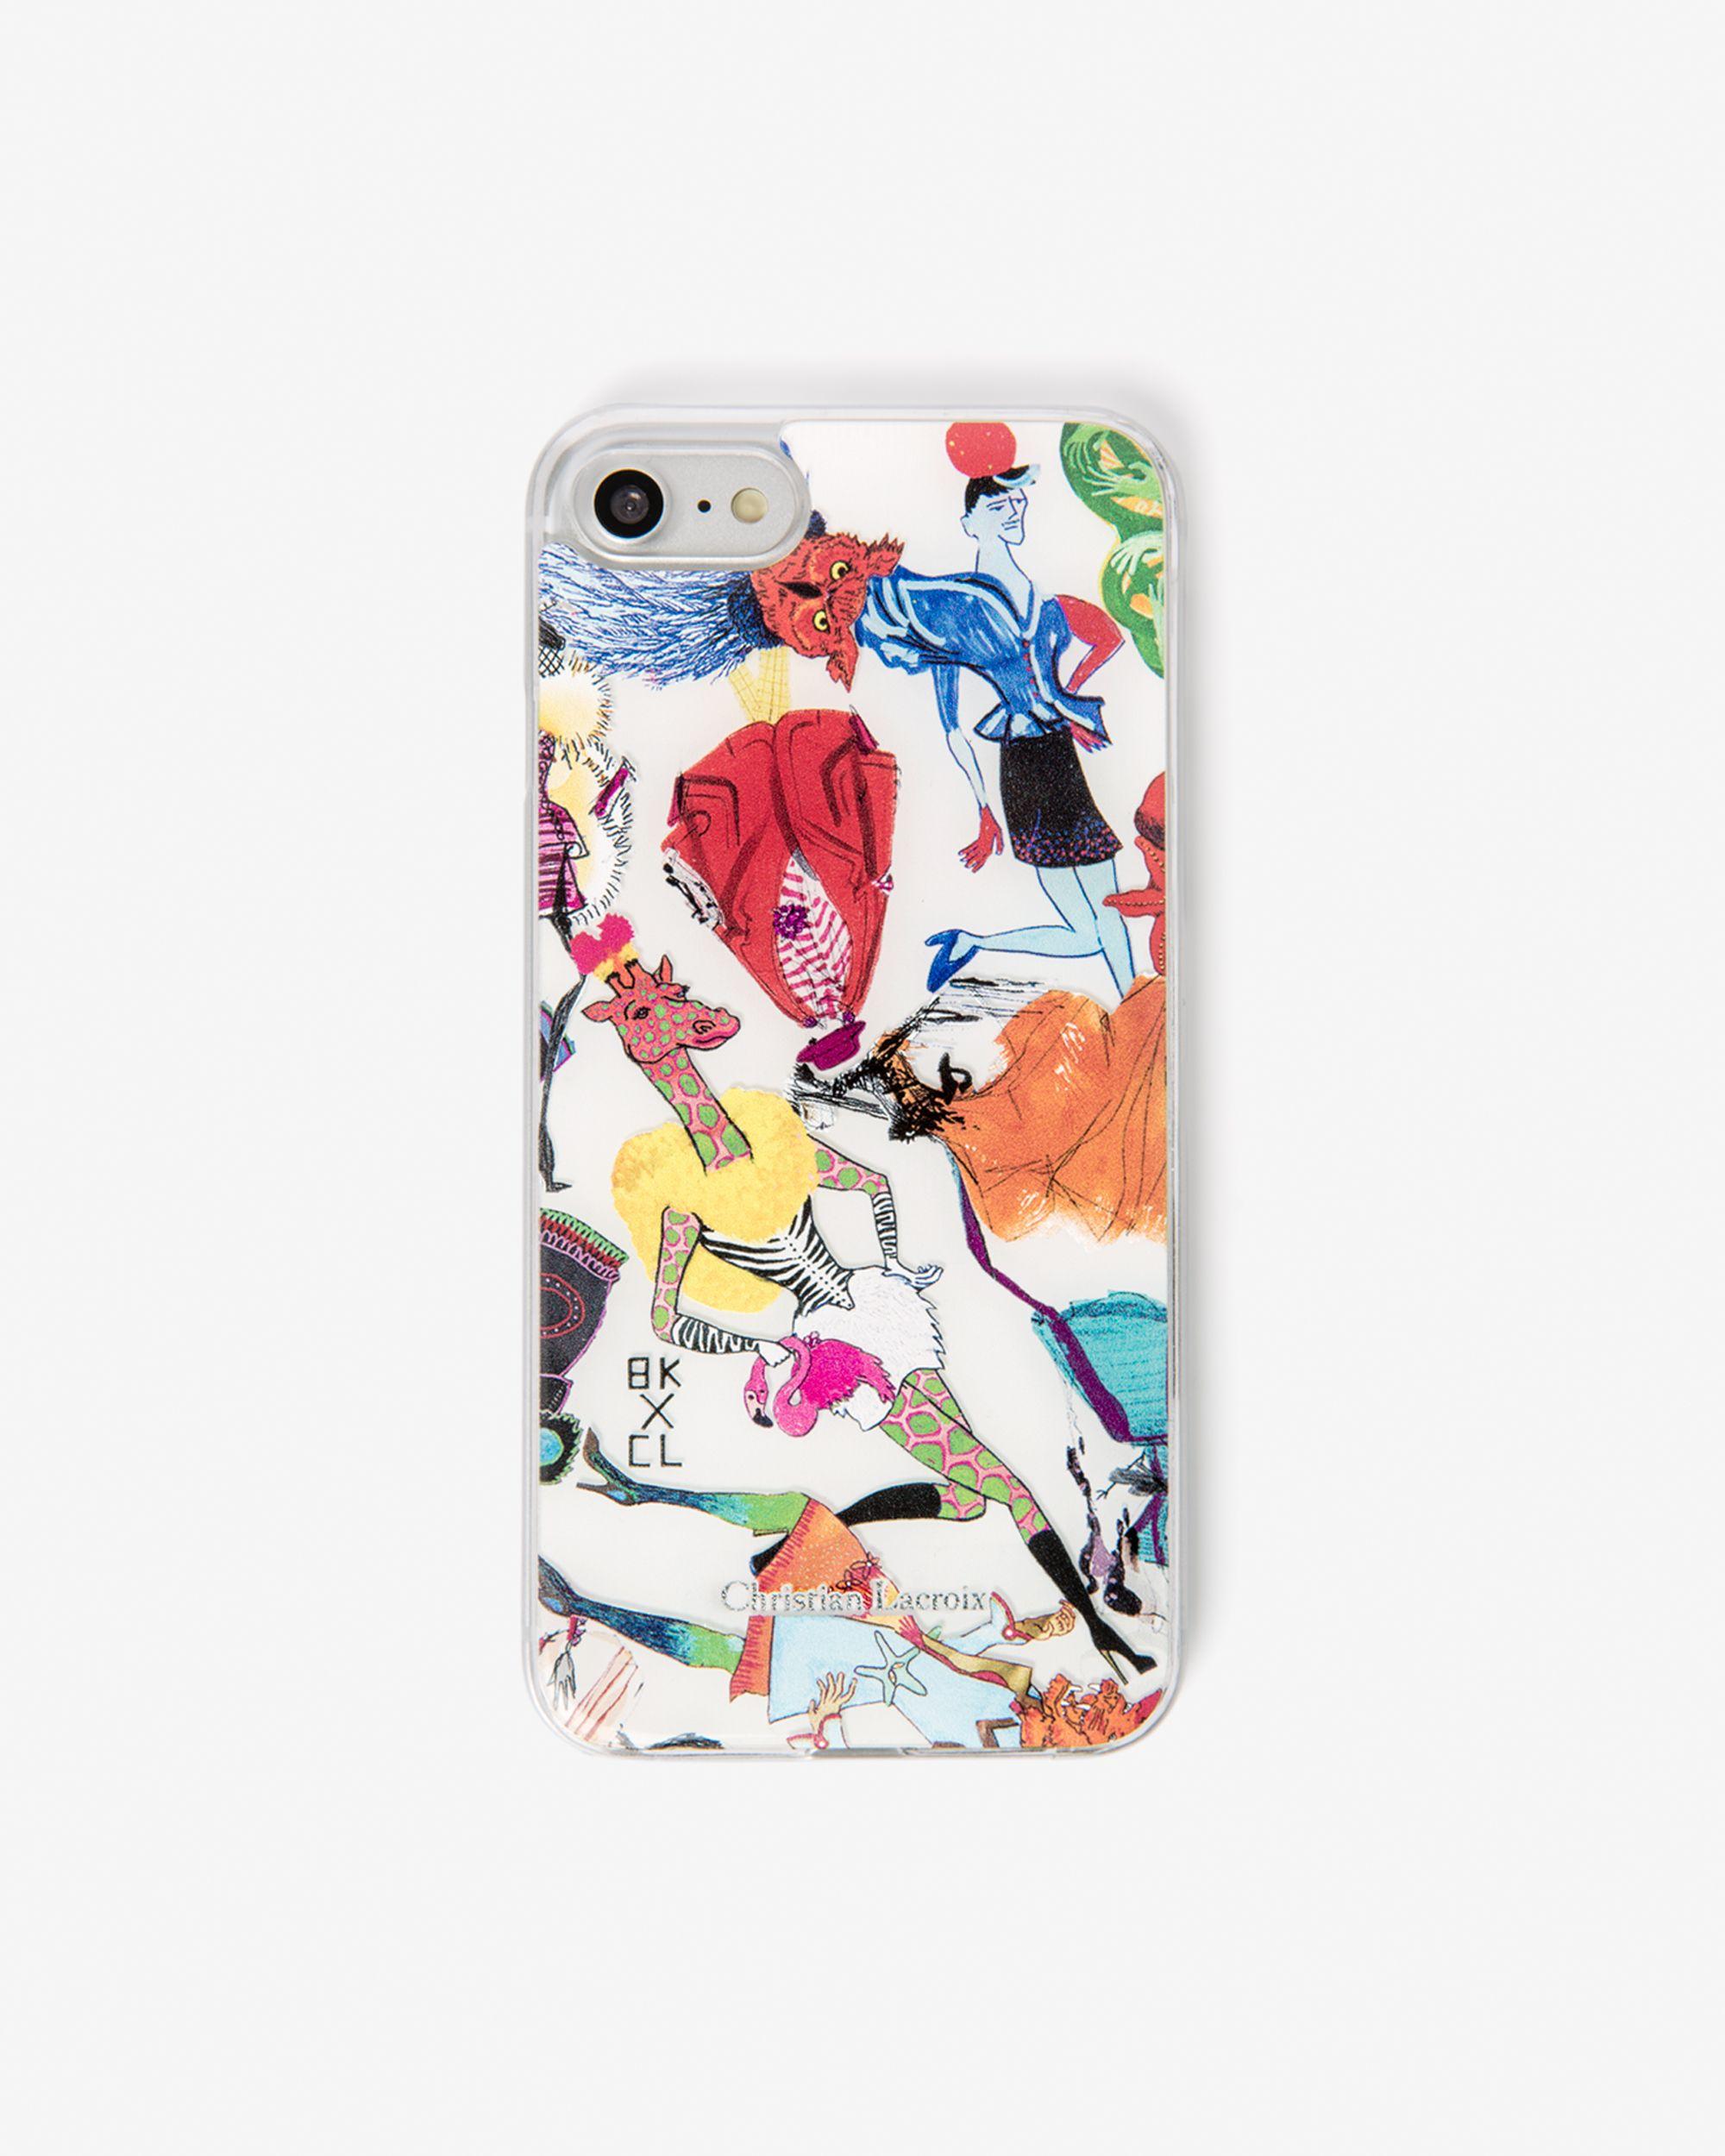 Lacroix_30_ans_CL_x_BK_Iphone_case_Lacroix_sweetie__5a13f87270765.jpg